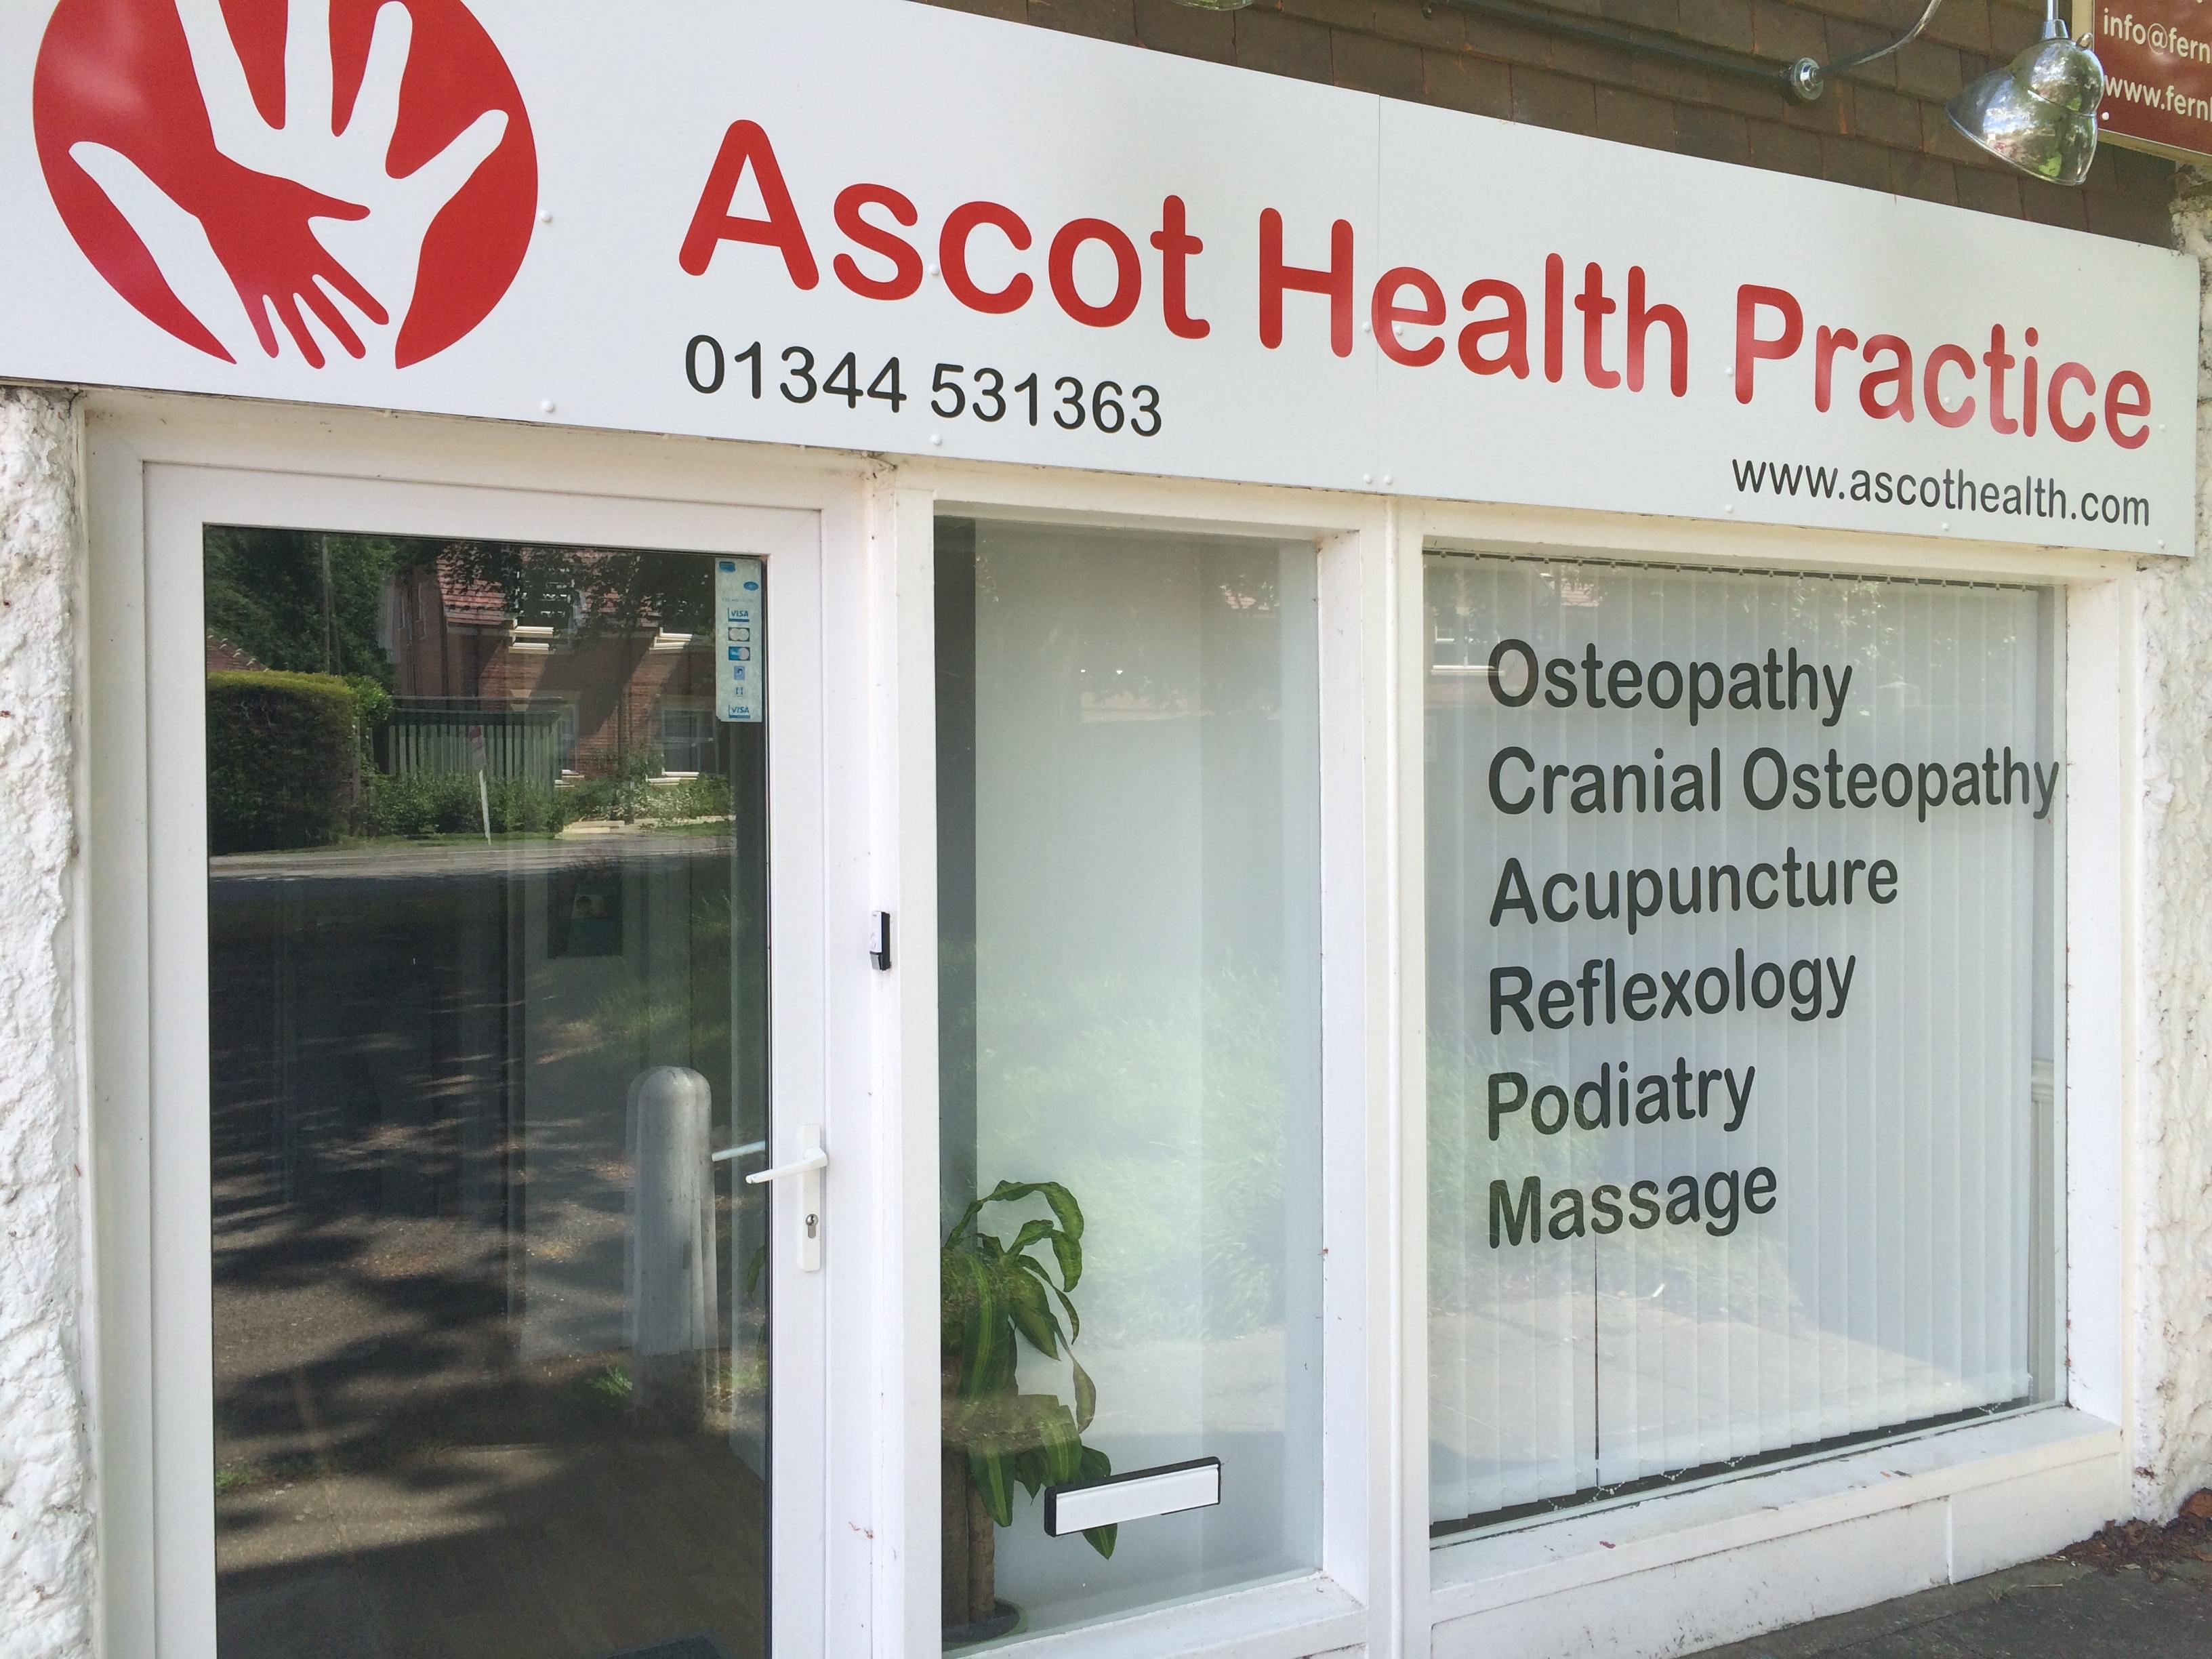 Ascot Health Practice 20150606